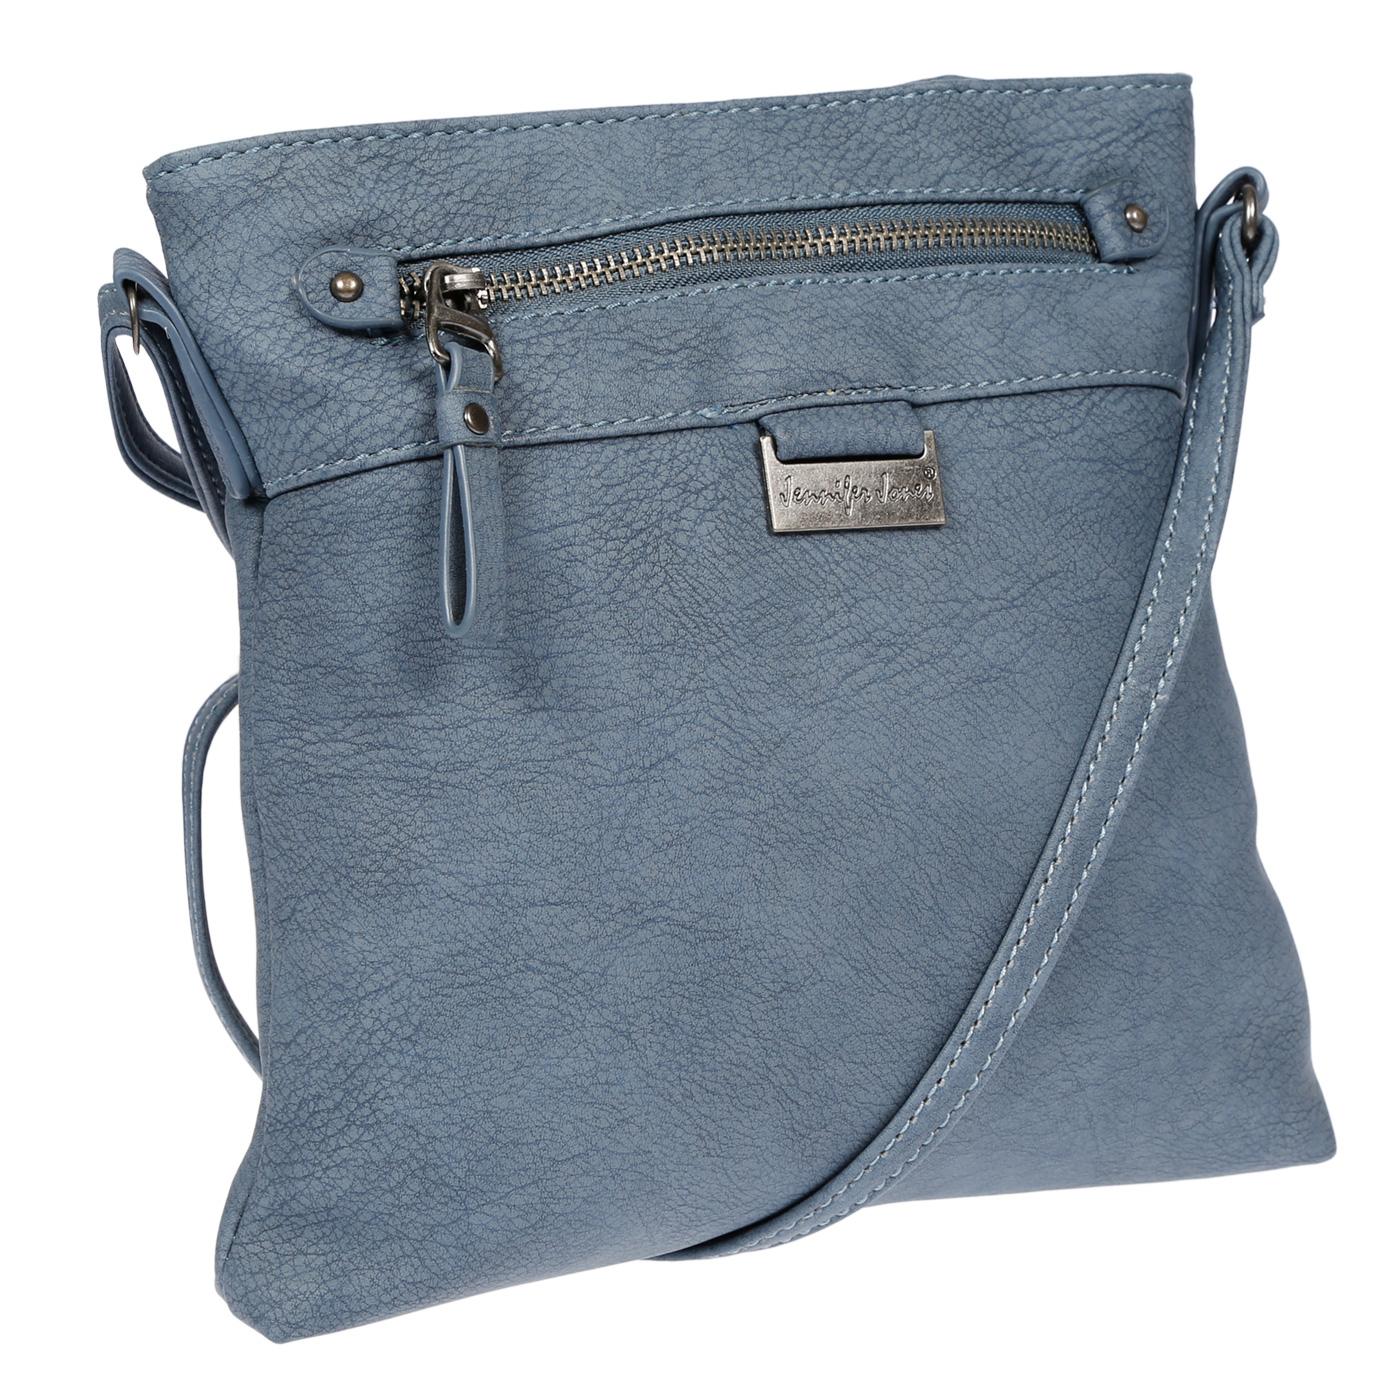 Damen-Handtasche-Umhaengetasche-Schultertasche-Tasche-Leder-Optik-Schwarz-Weiss Indexbild 45